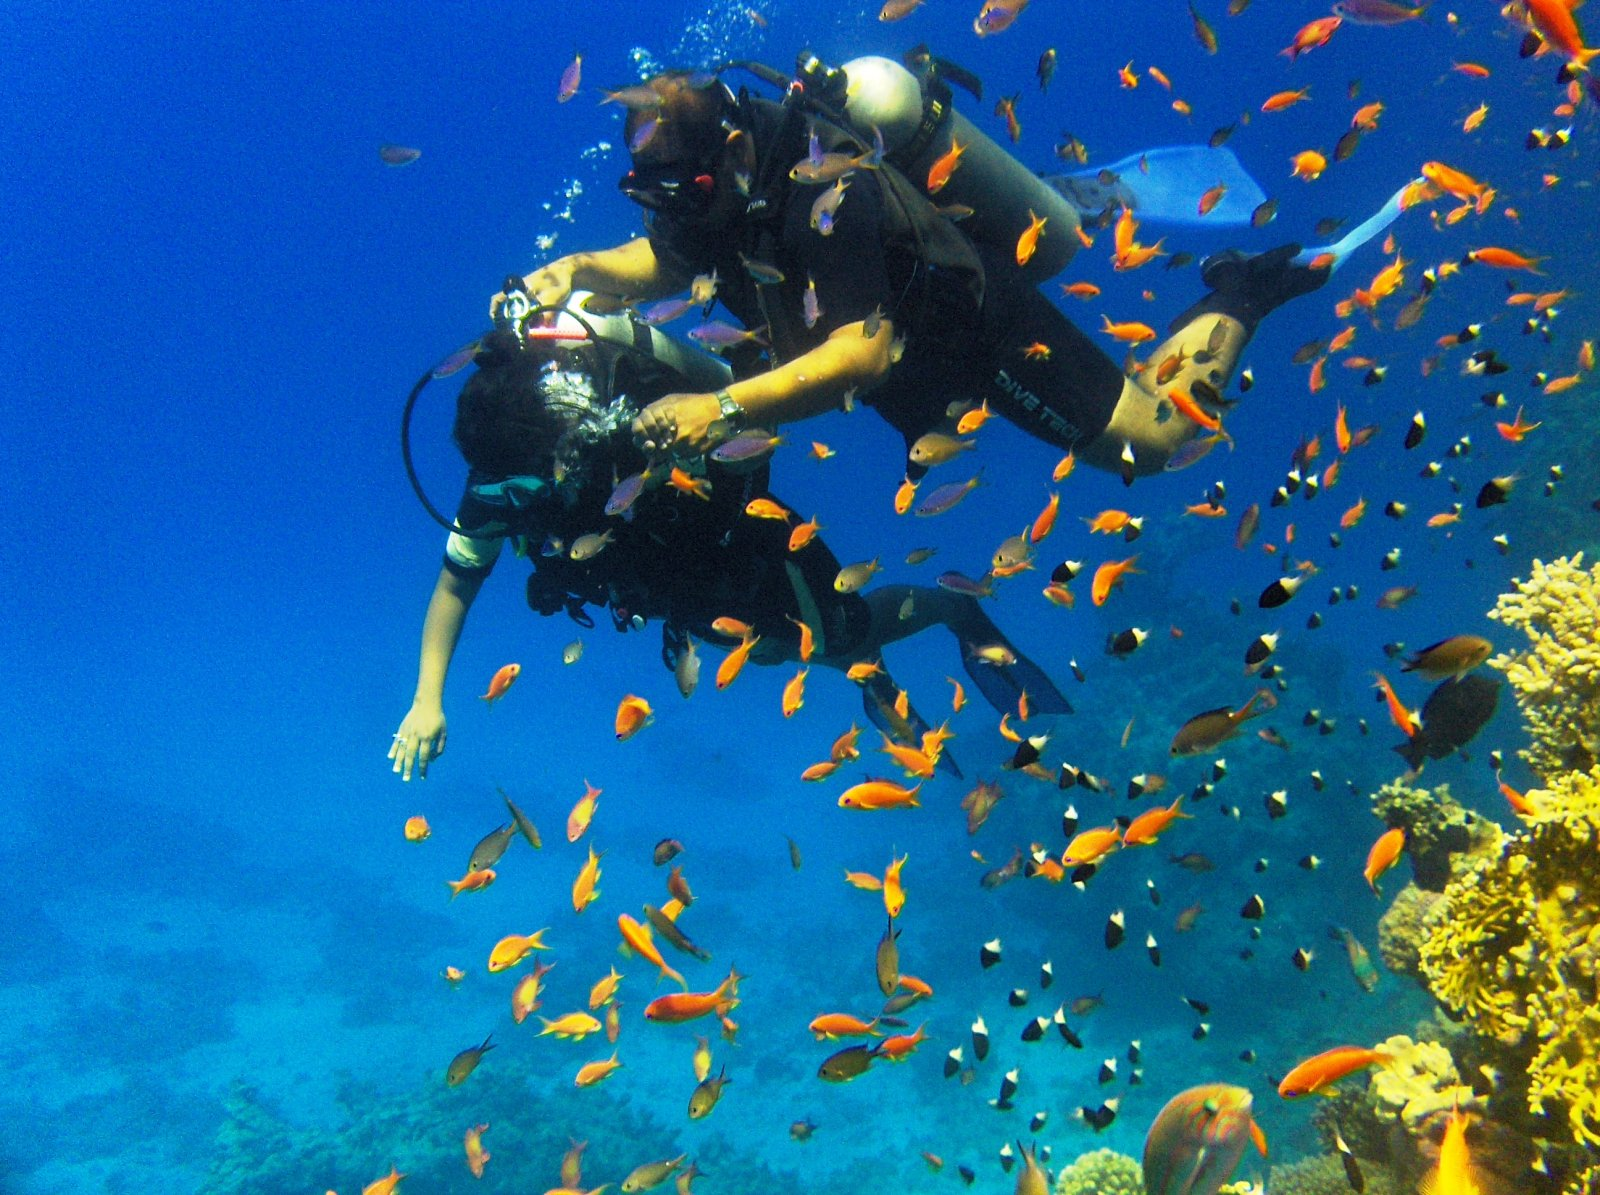 Дайвинг (погружение в море с аквалангом) из Шарм-эль-Шейха